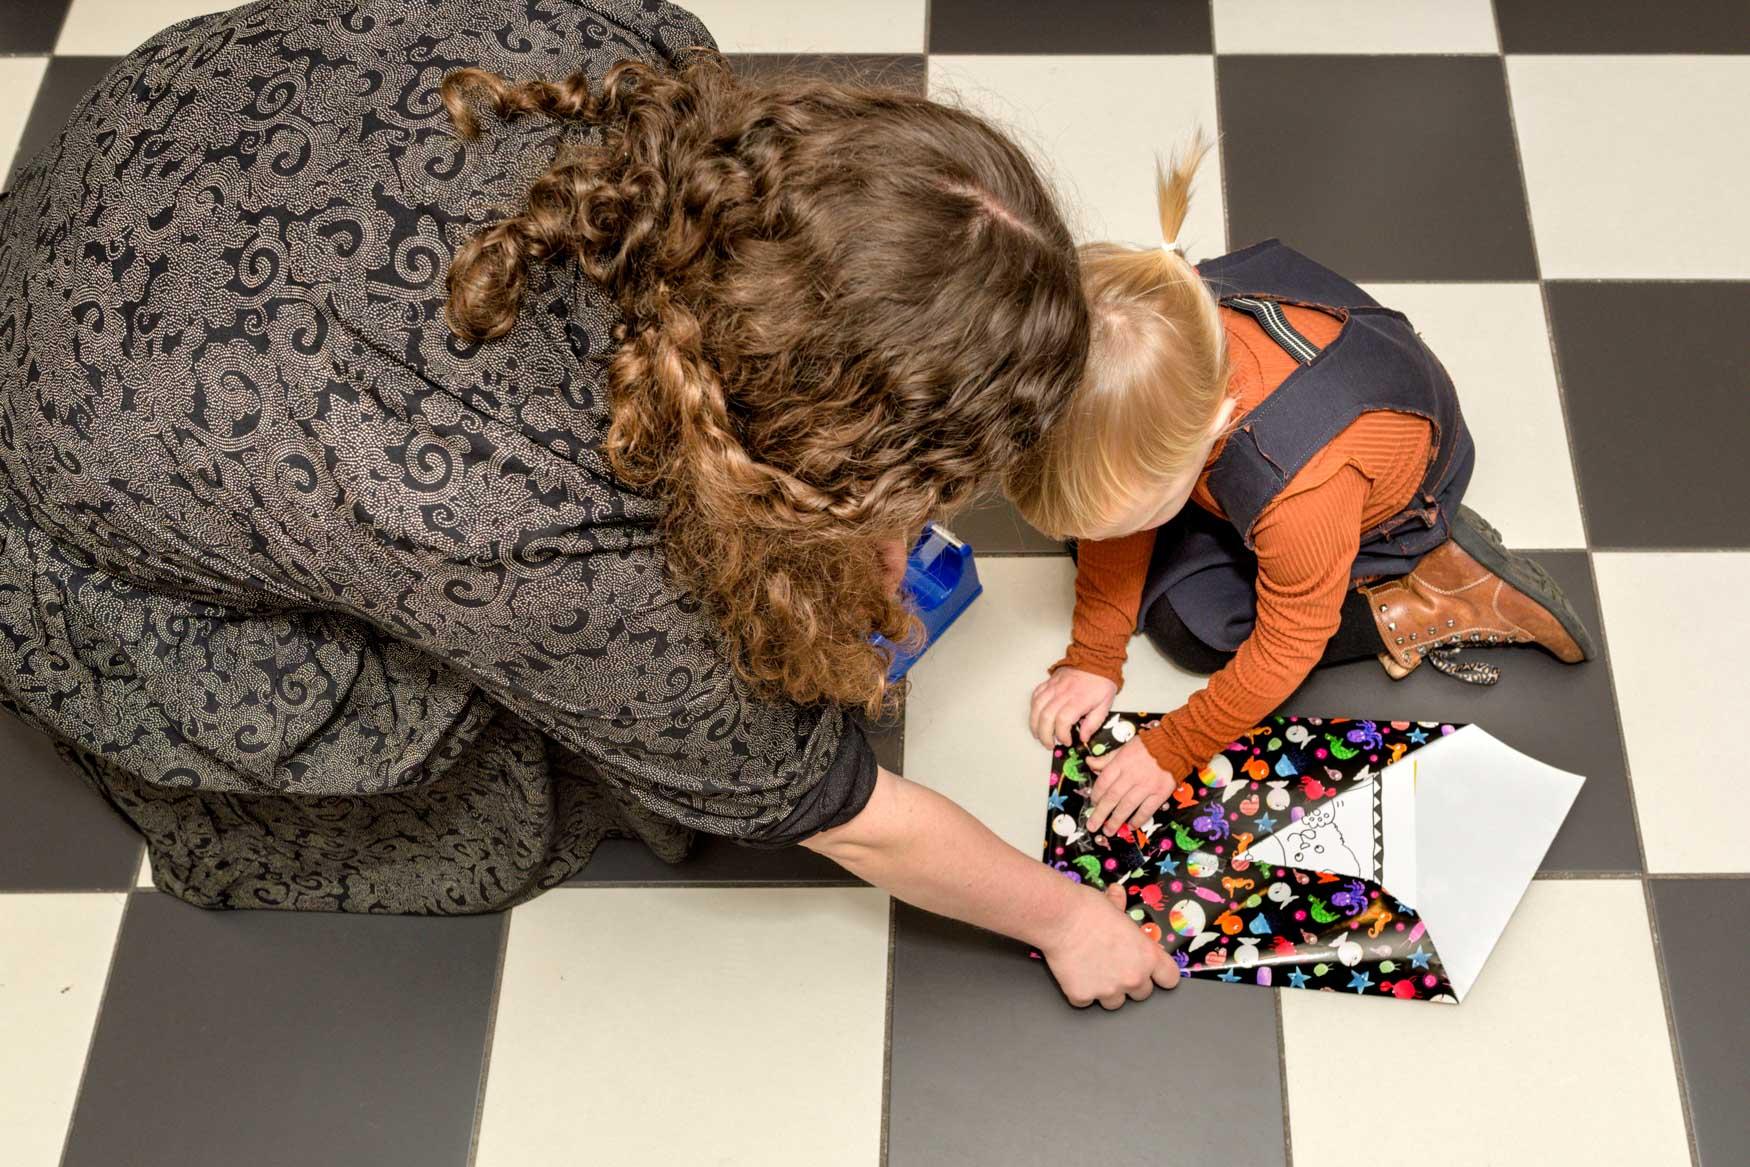 Kinderboekenwinkel De Boekenberg in Eindhoven voor De volkskrant | Sas Schilten Fotografie